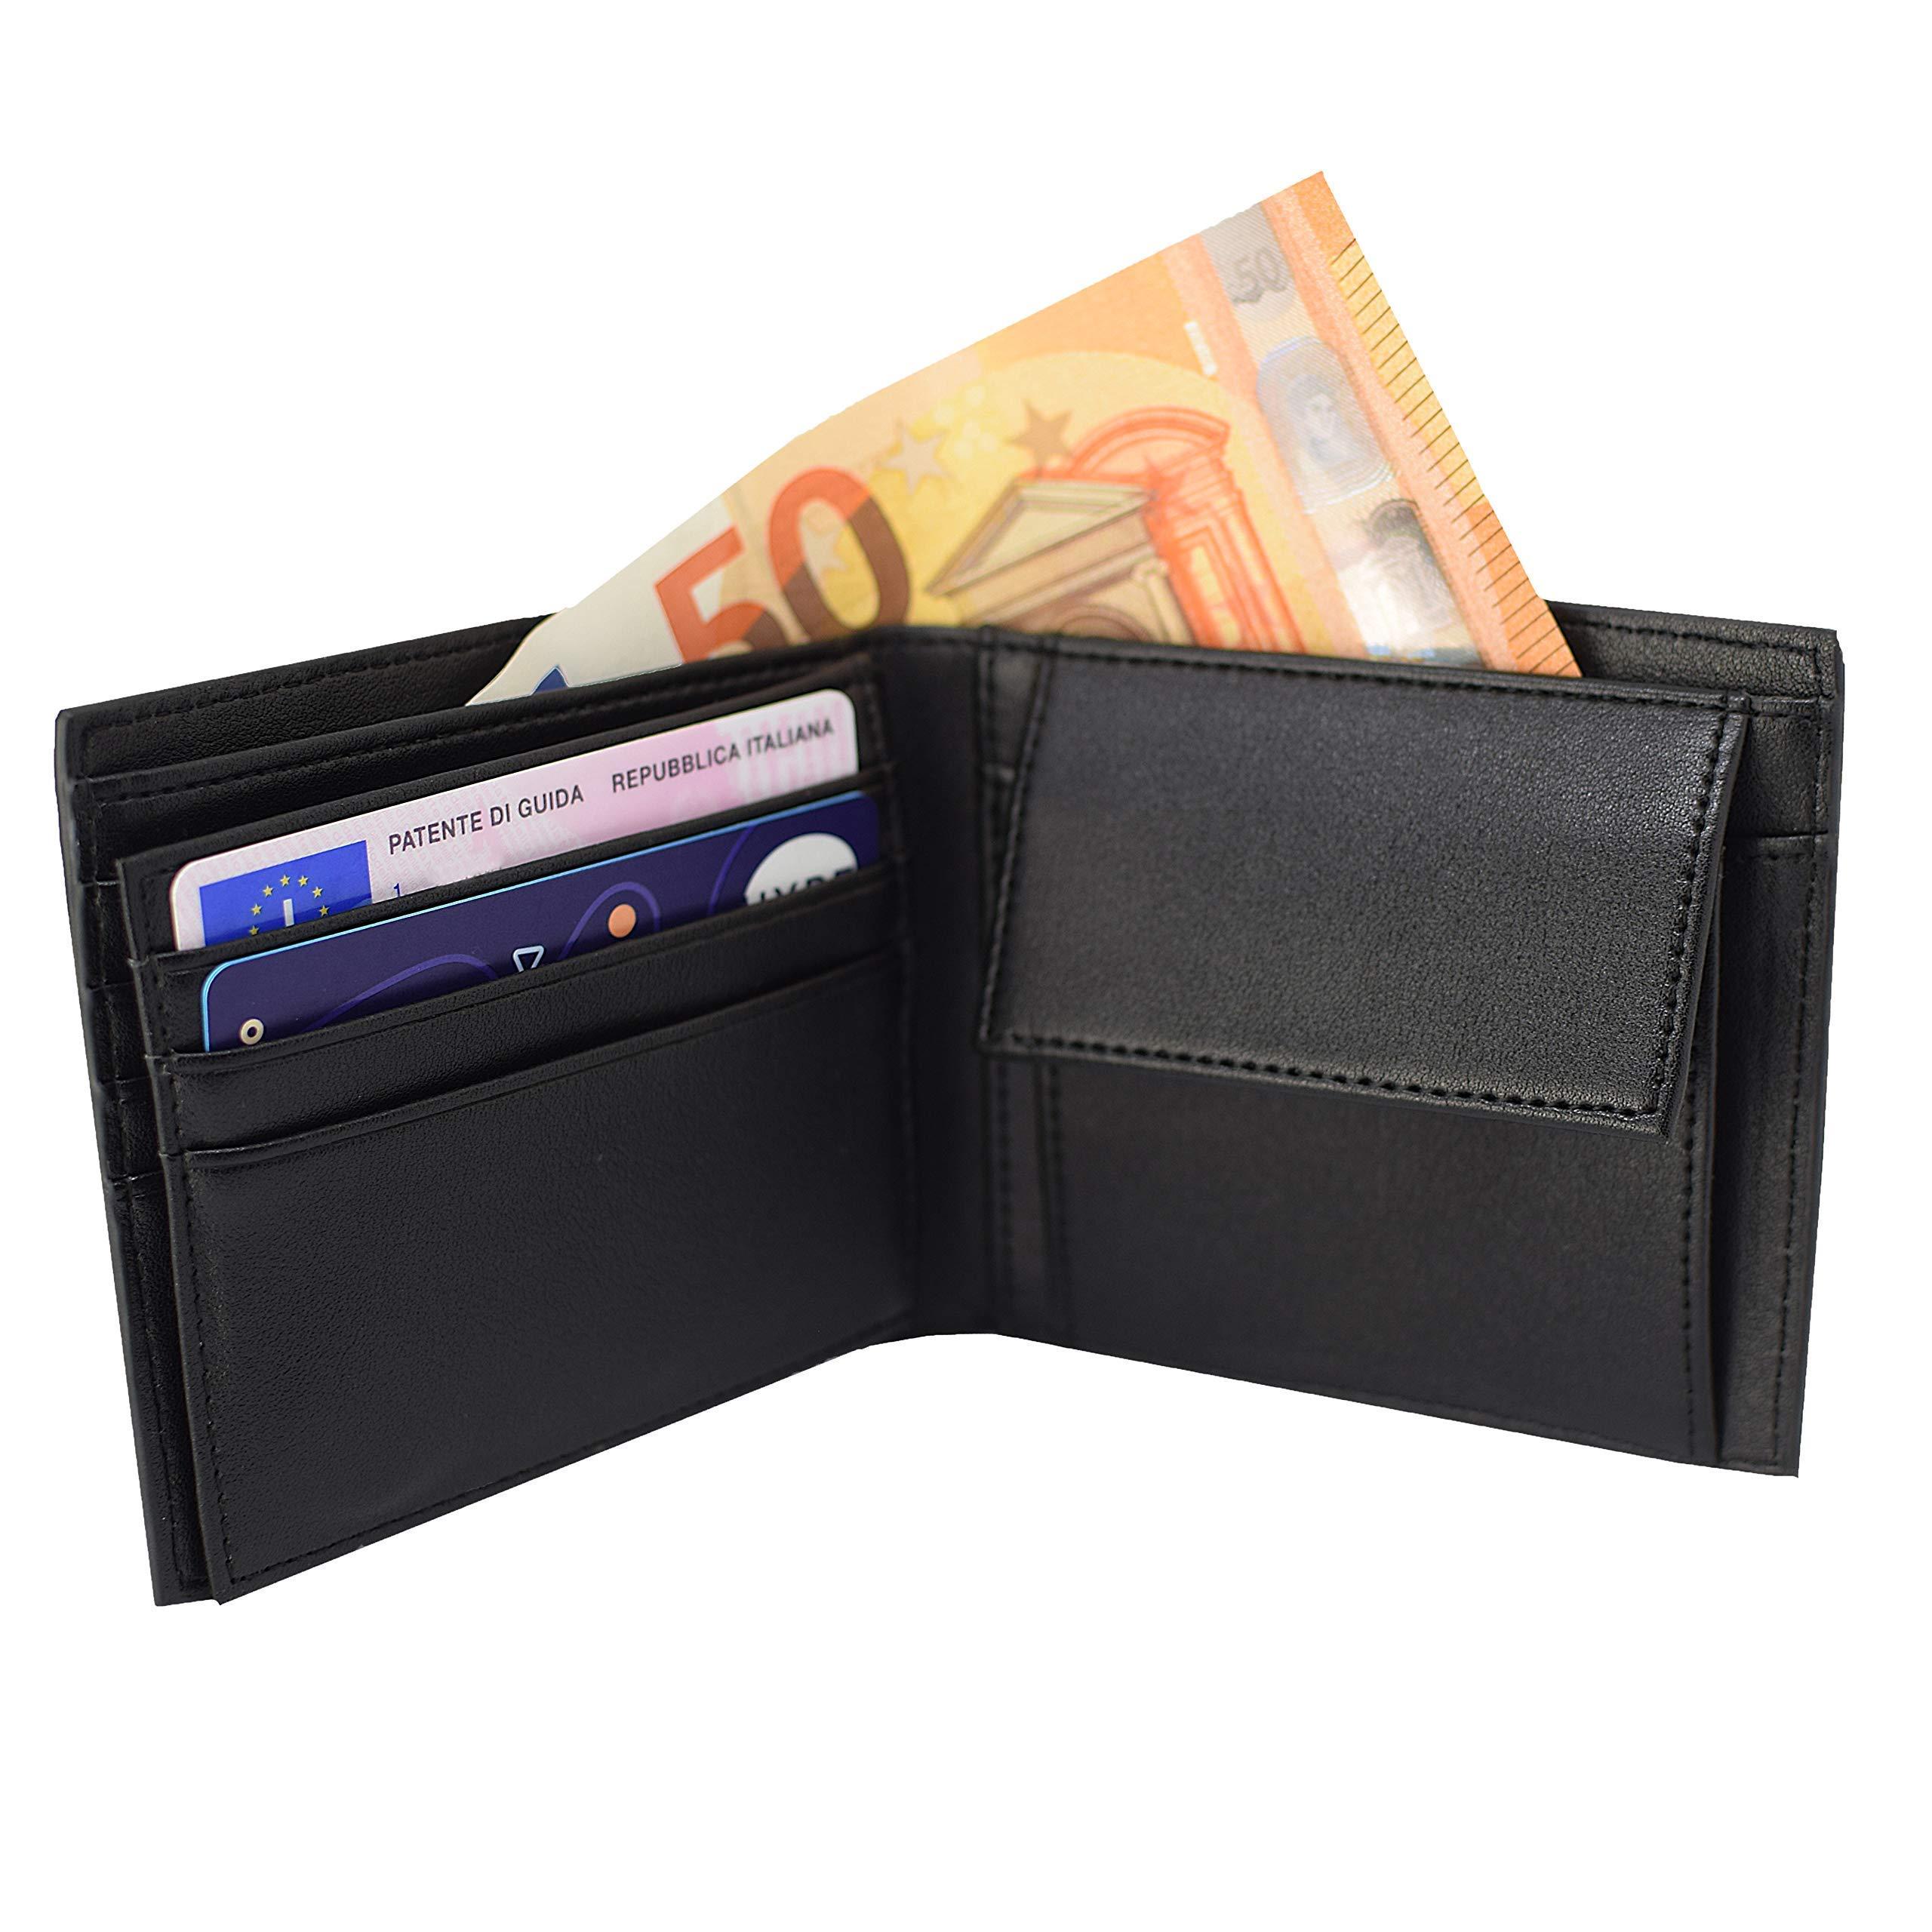 vendita outlet bd08f 50483 Portafoglio Uomo | RFID , HighNews Portafoglio Uomo Piccolo Sottile, Uomo e  Ragazzo , Leggero, Semplice ed Elegante, Per Documenti, Banconote e ...